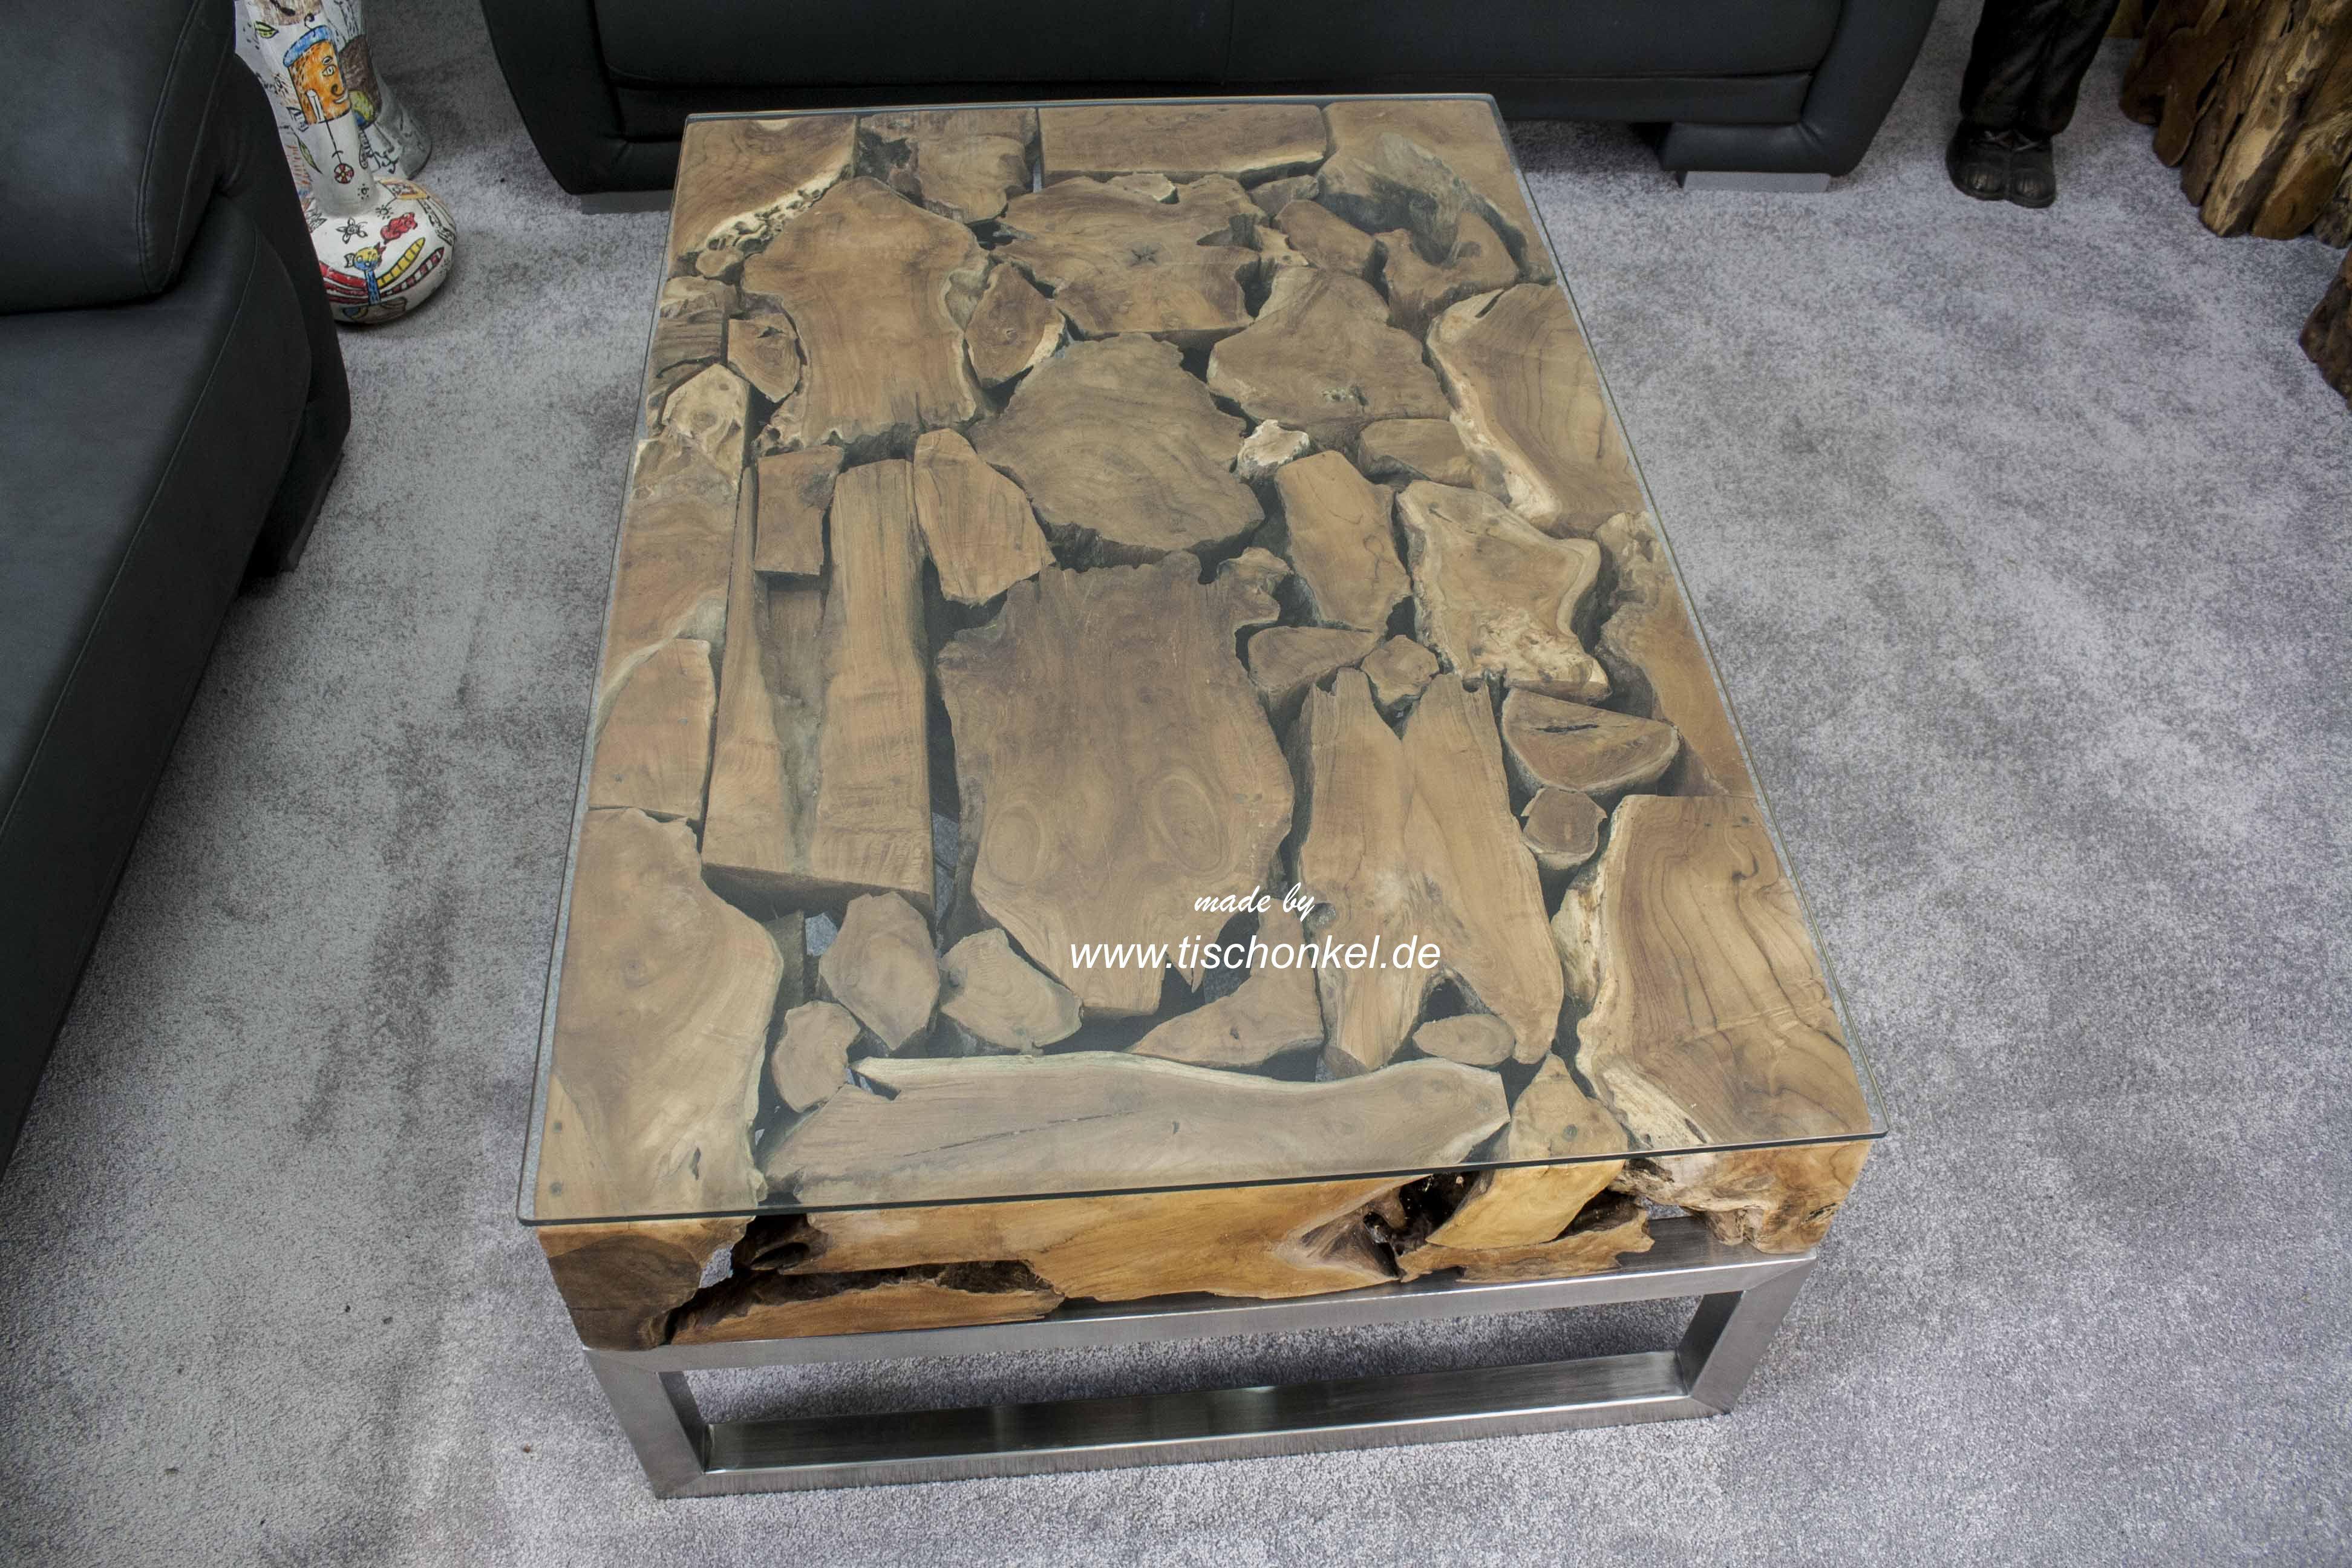 Couchtisch Aus Altholz Mit Edelstahl Und Glas Der Tischonkel